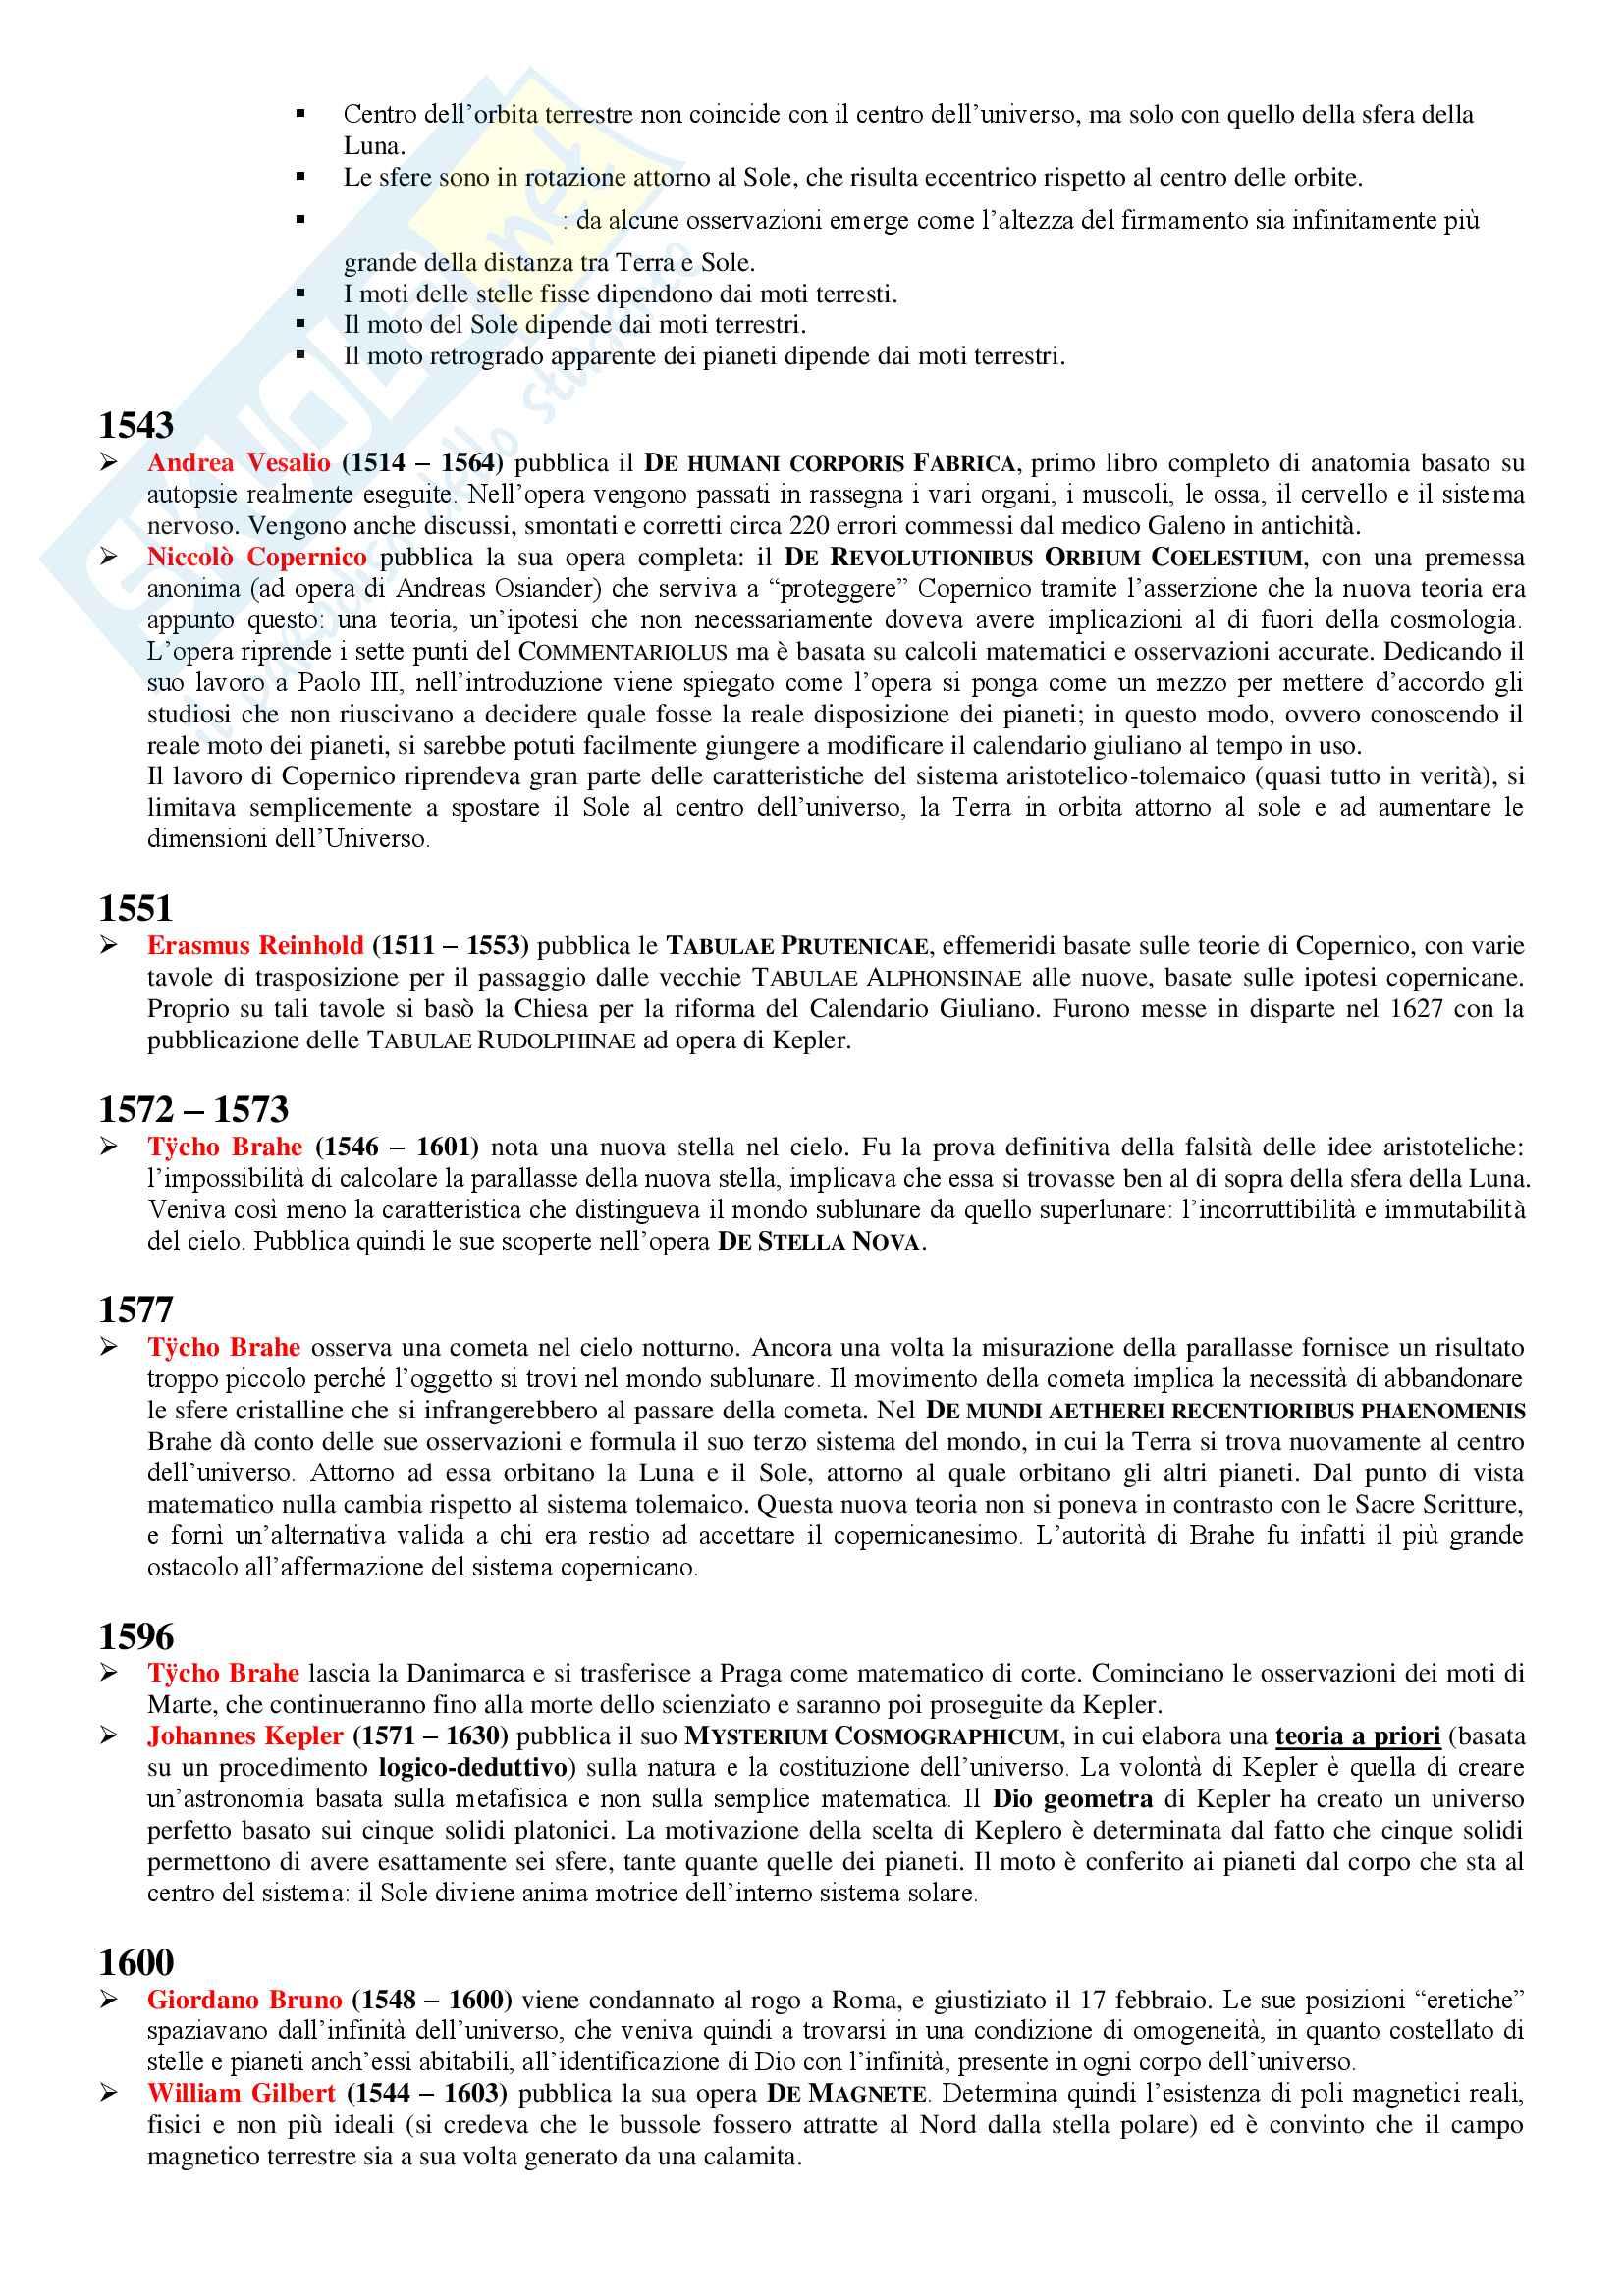 Schema Storia della Scienza Pag. 2